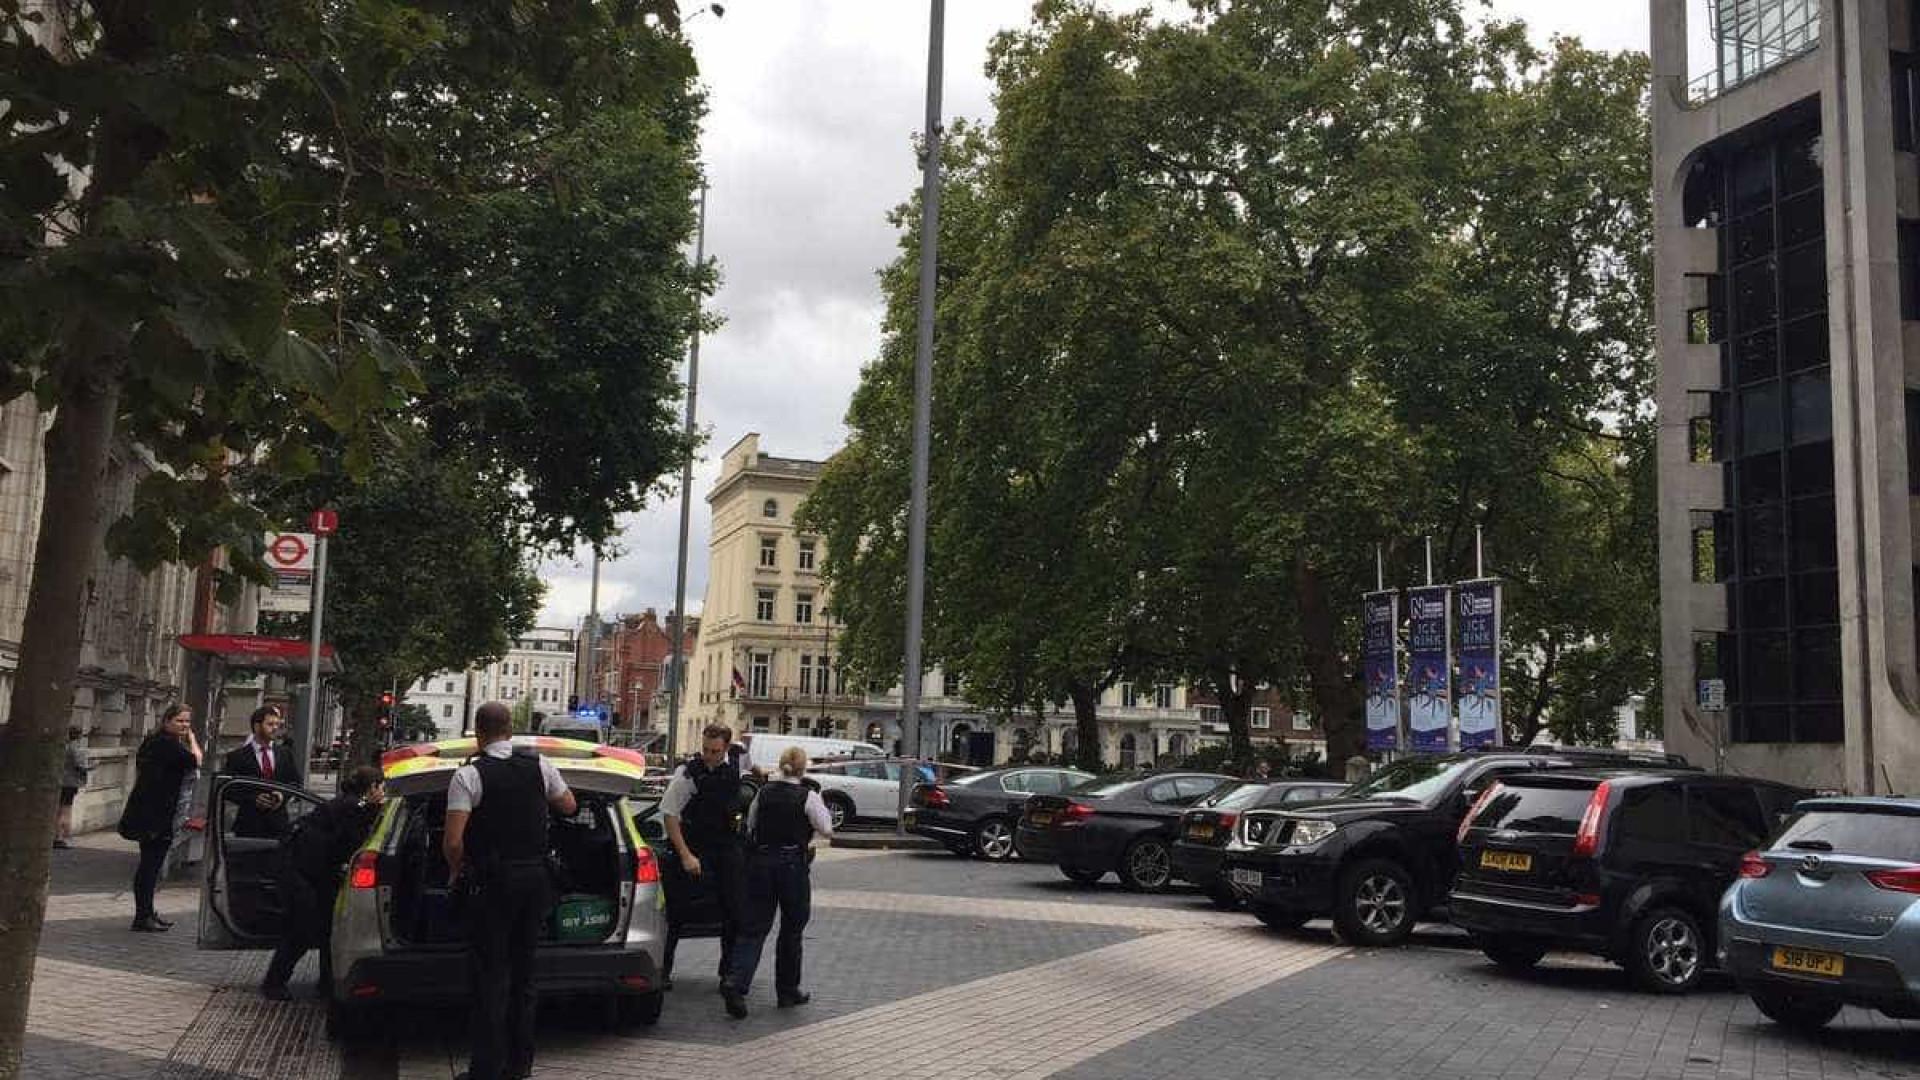 Atropelamento em frente a museu deixa 11 feridos em Londres